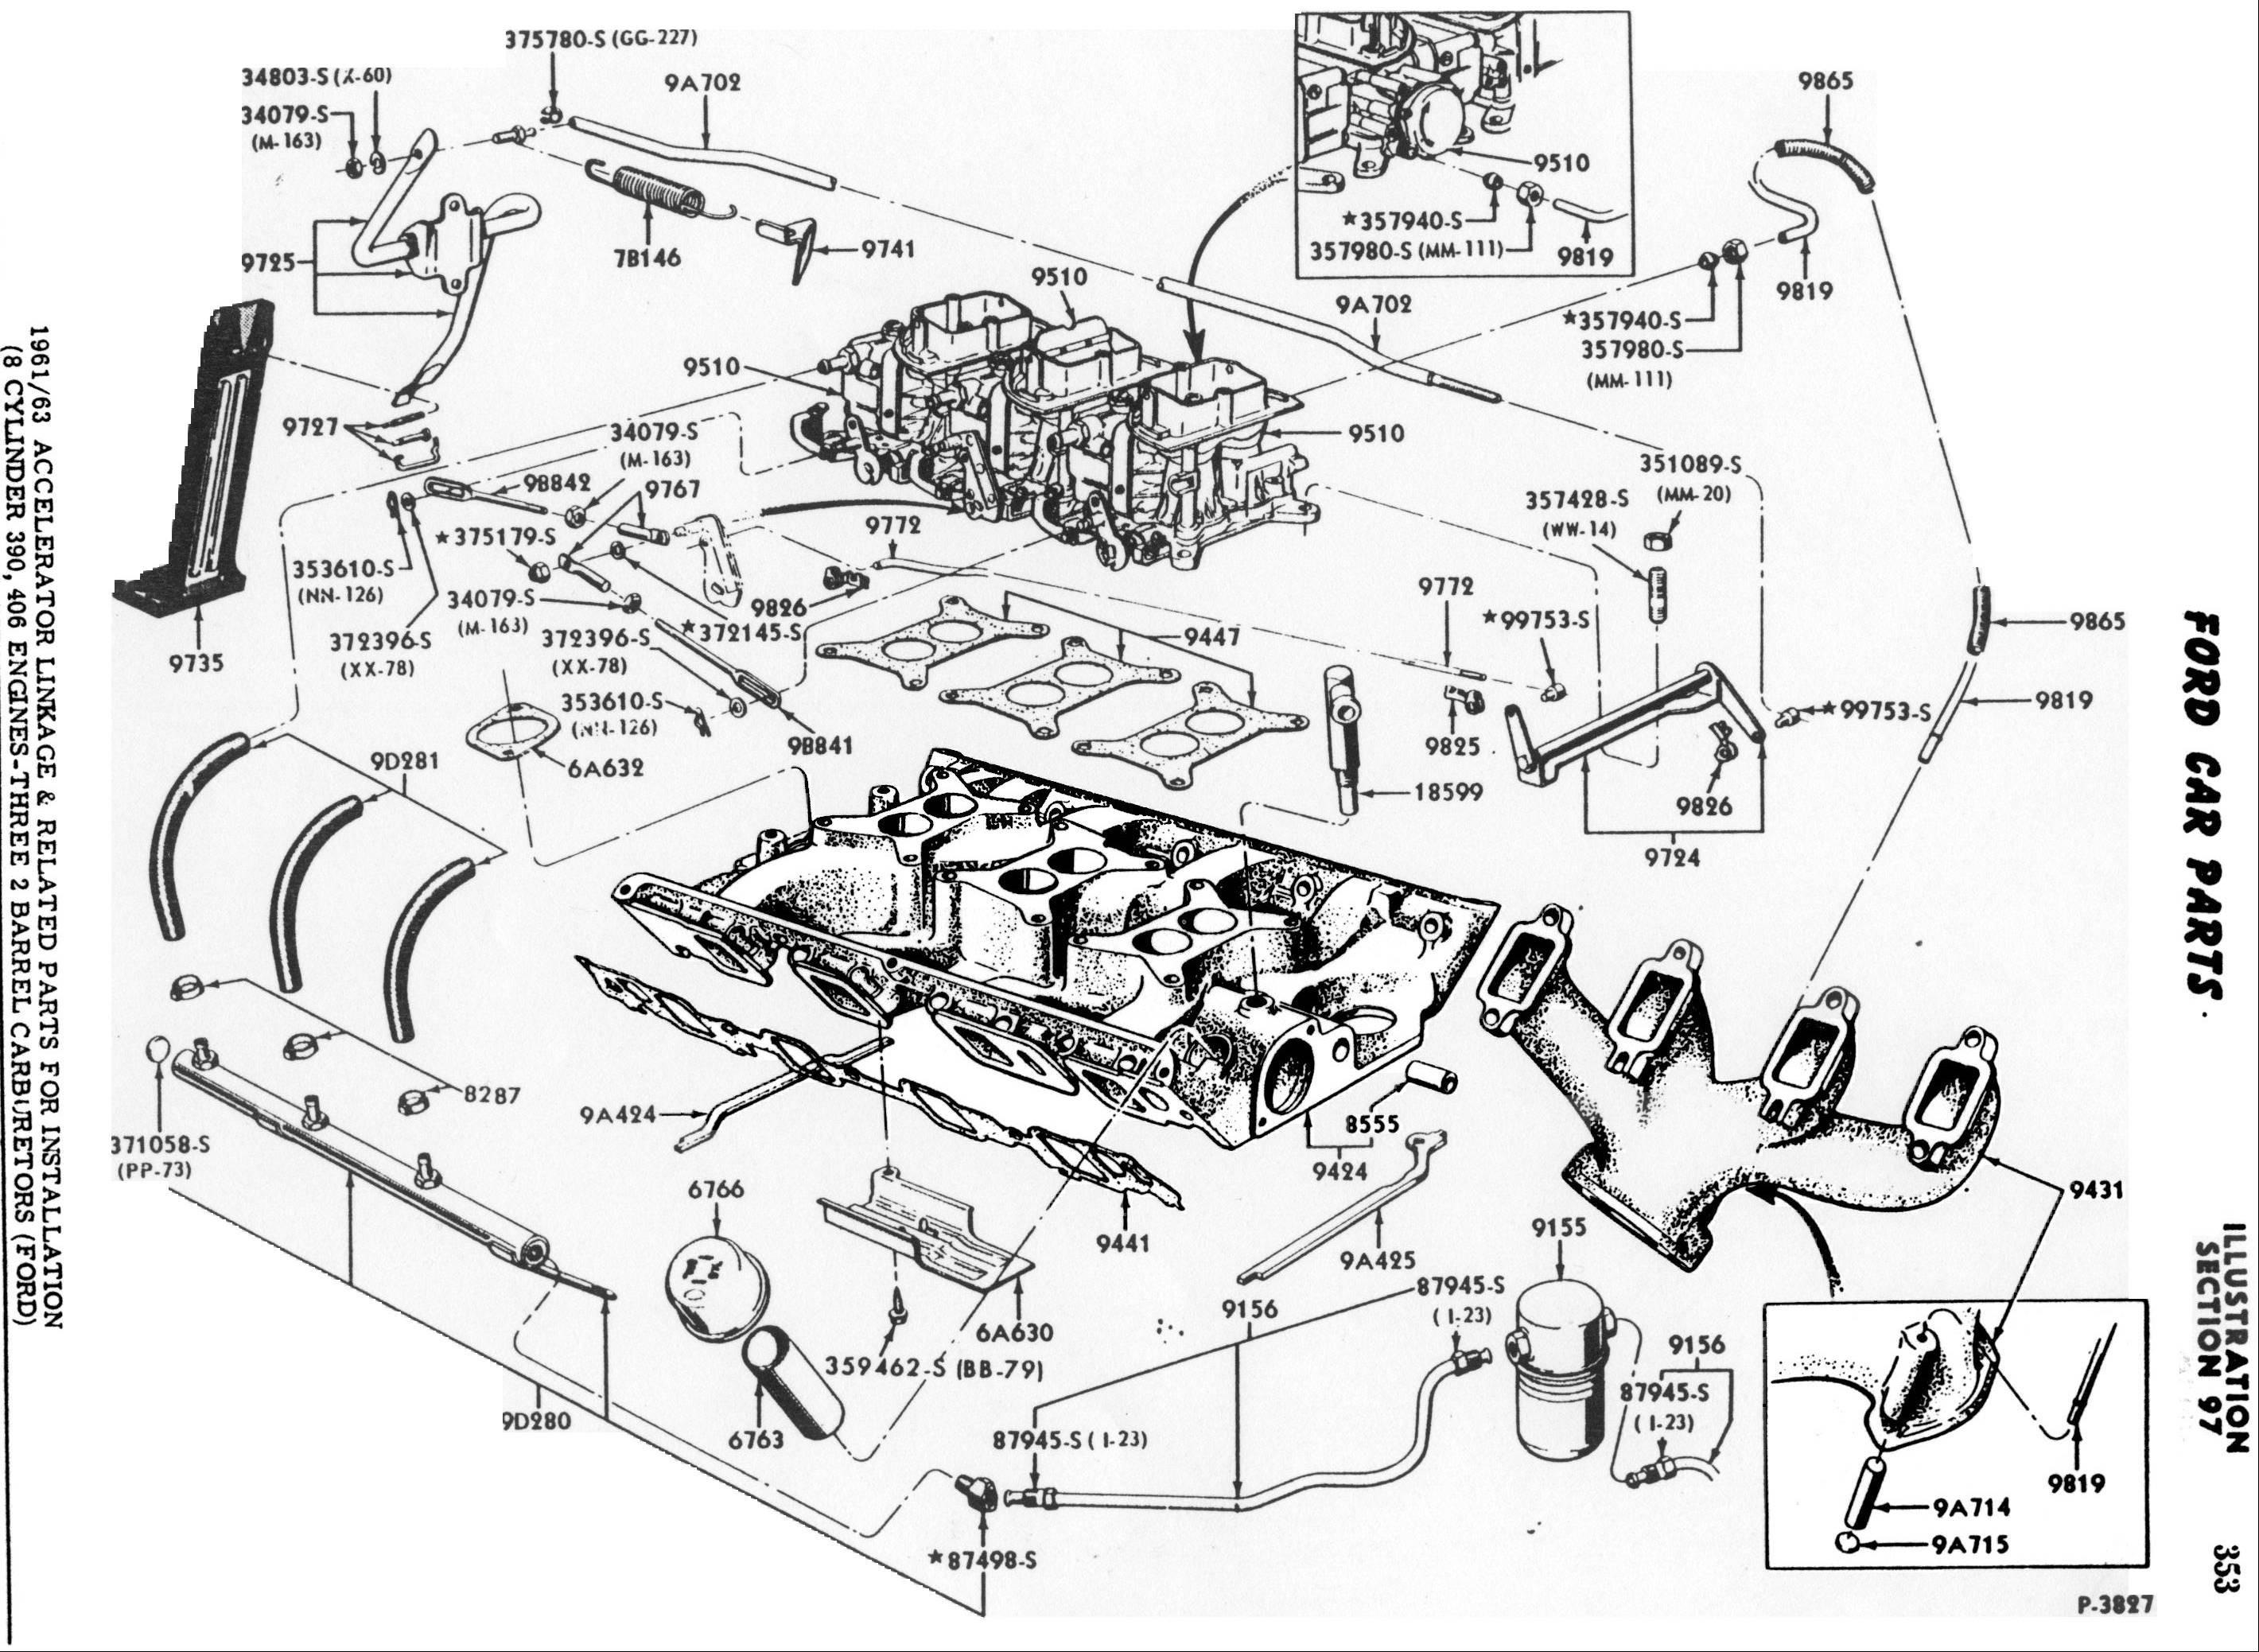 Ford 460 Engine Wiring Diagram ford F 250 460 Engine Diagram Wiring Diagram Motor Motor Of Ford 460 Engine Wiring Diagram